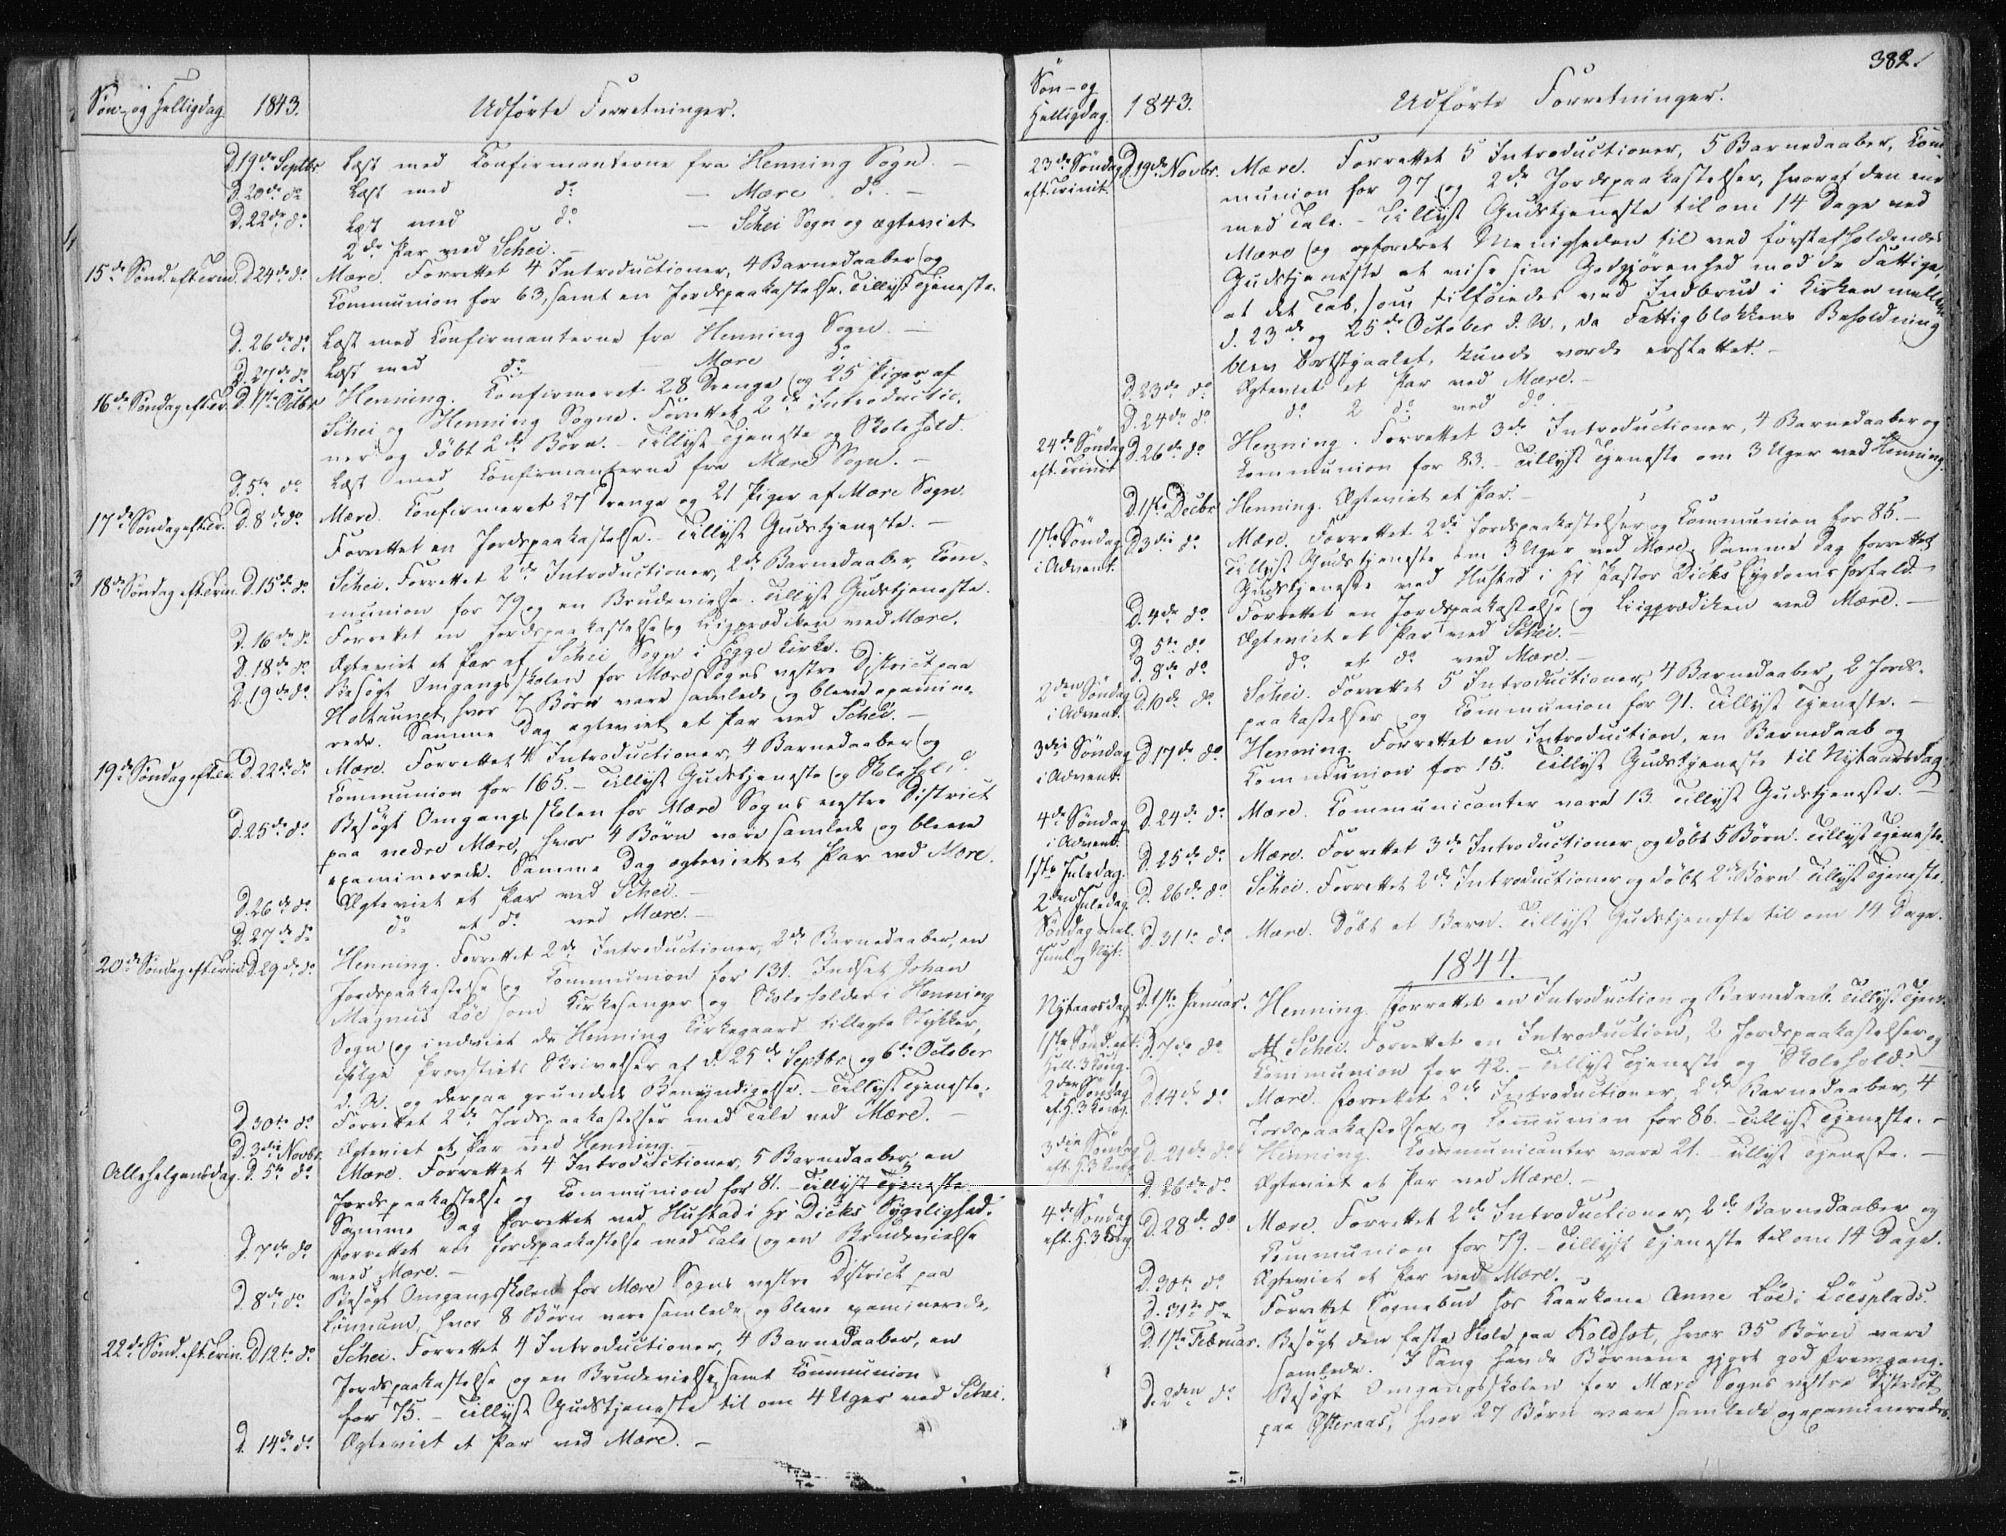 SAT, Ministerialprotokoller, klokkerbøker og fødselsregistre - Nord-Trøndelag, 735/L0339: Ministerialbok nr. 735A06 /1, 1836-1848, s. 382